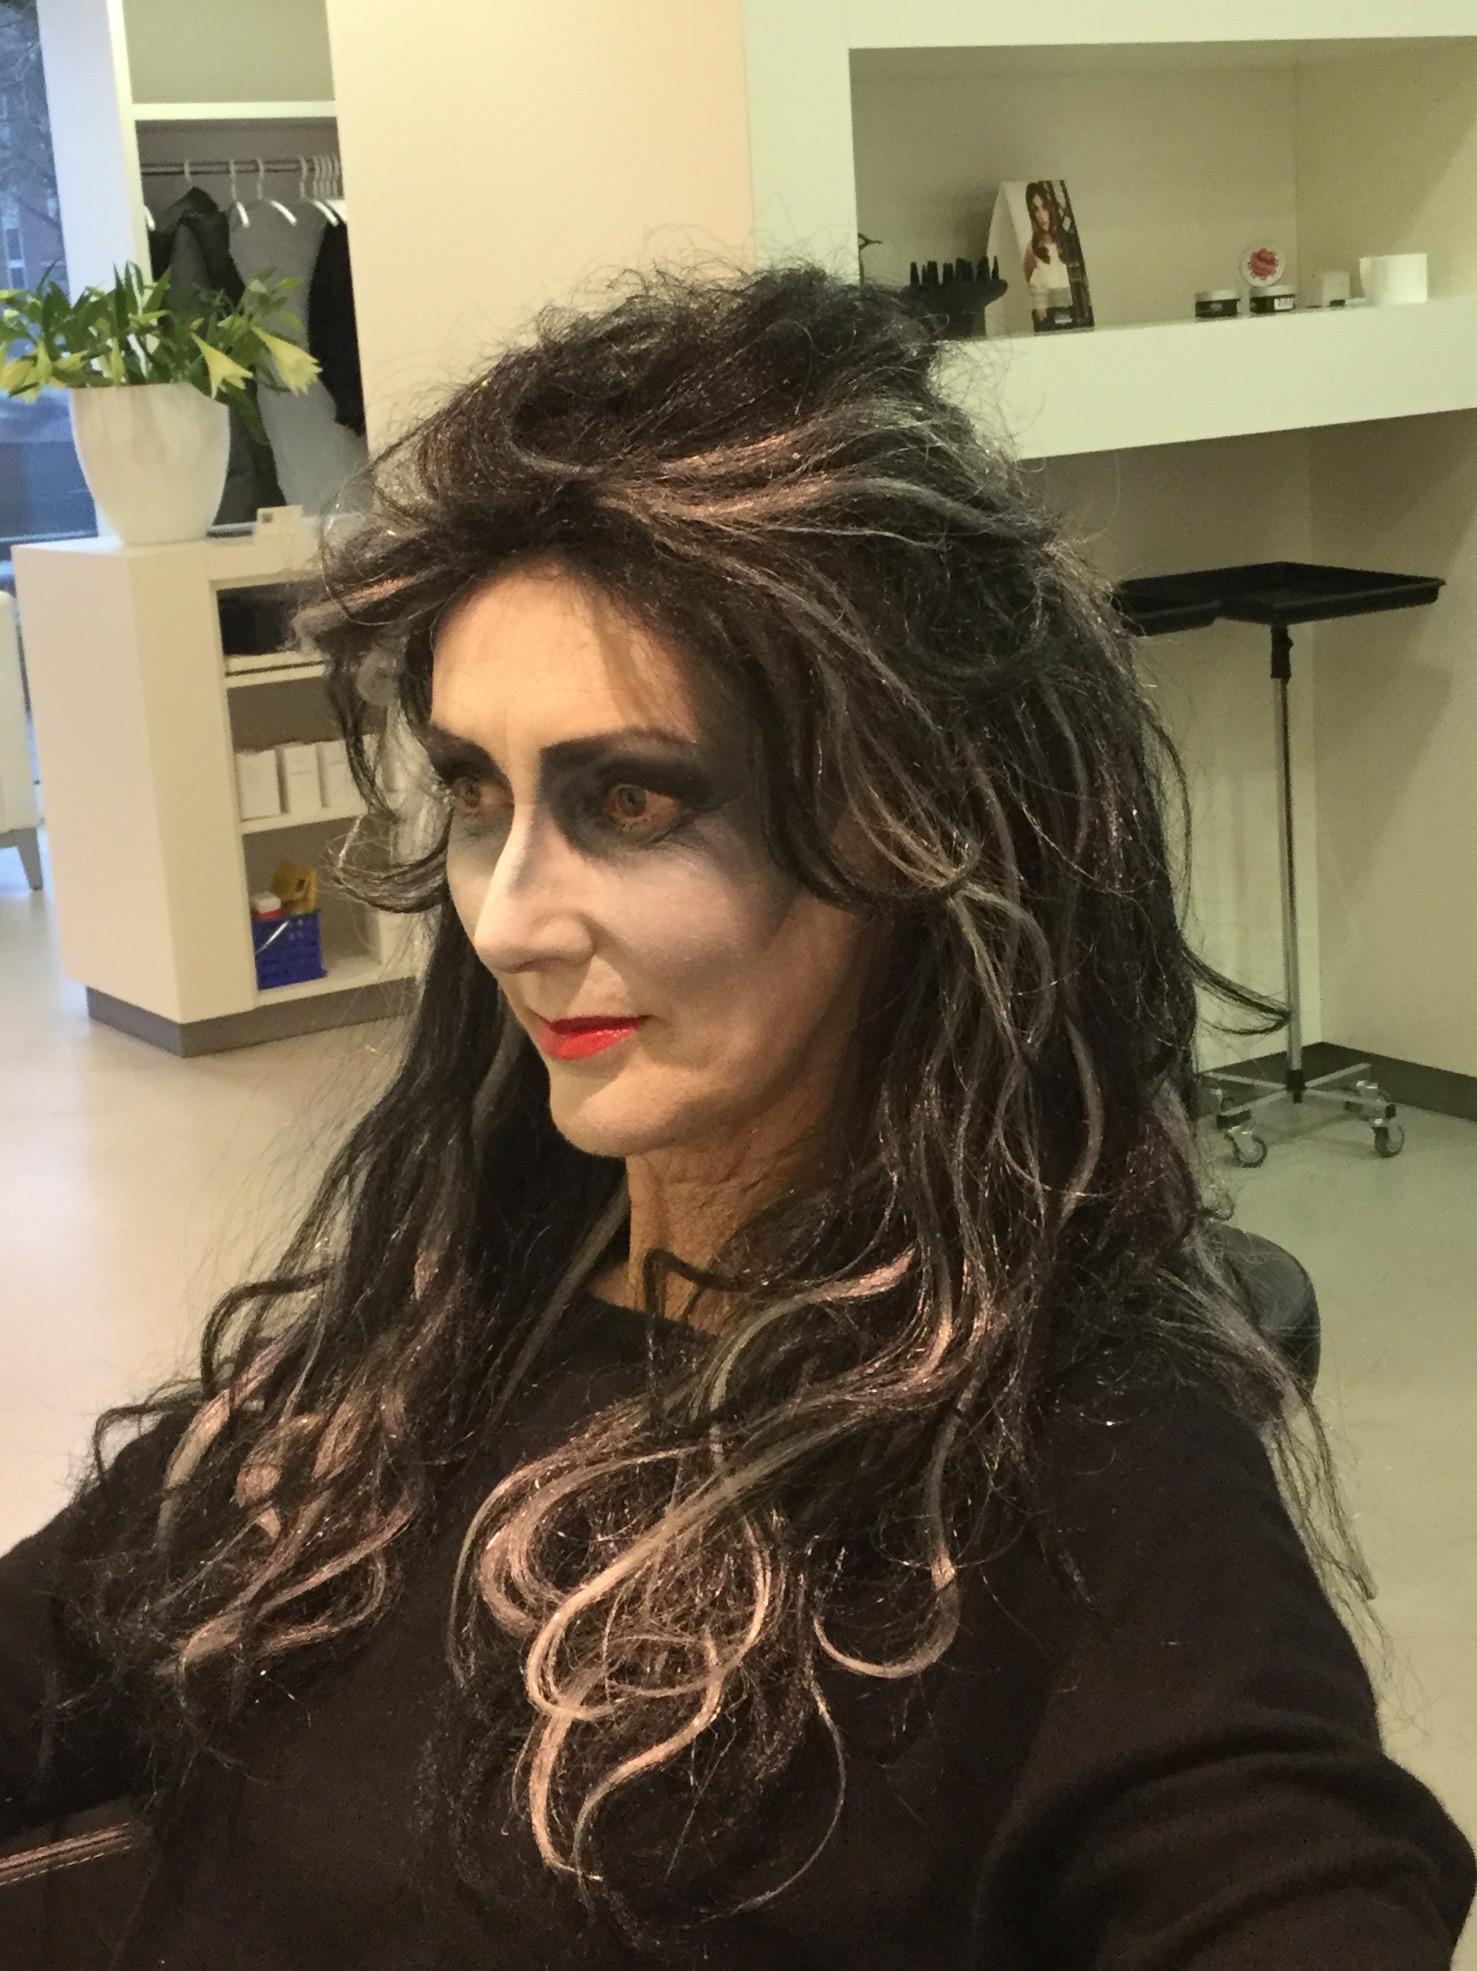 Haargenau Kleve